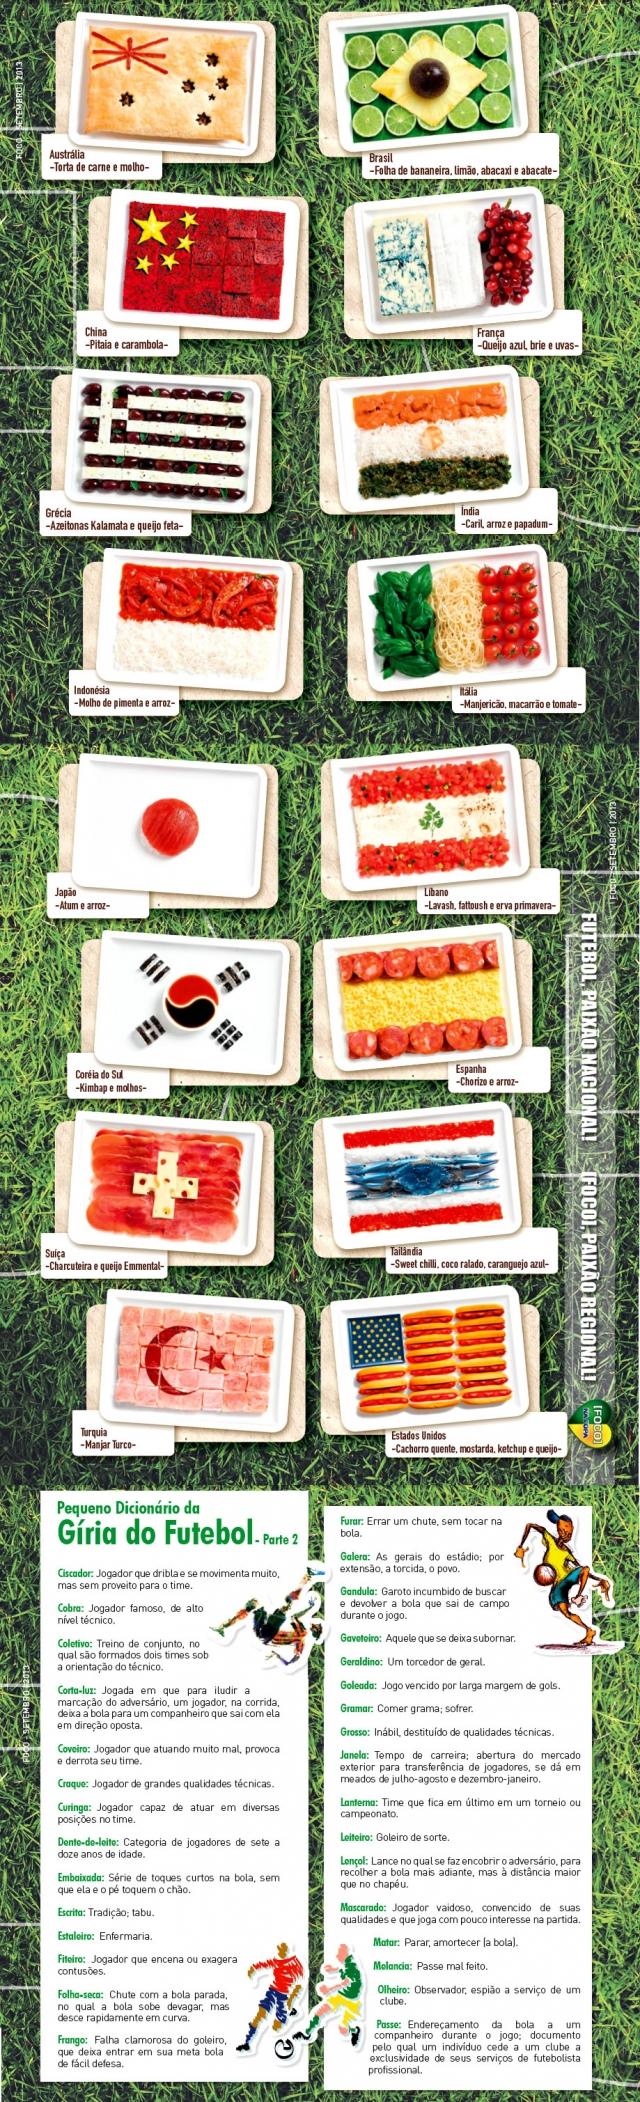 Bandeiras dos Países montadas com comidas típicas.